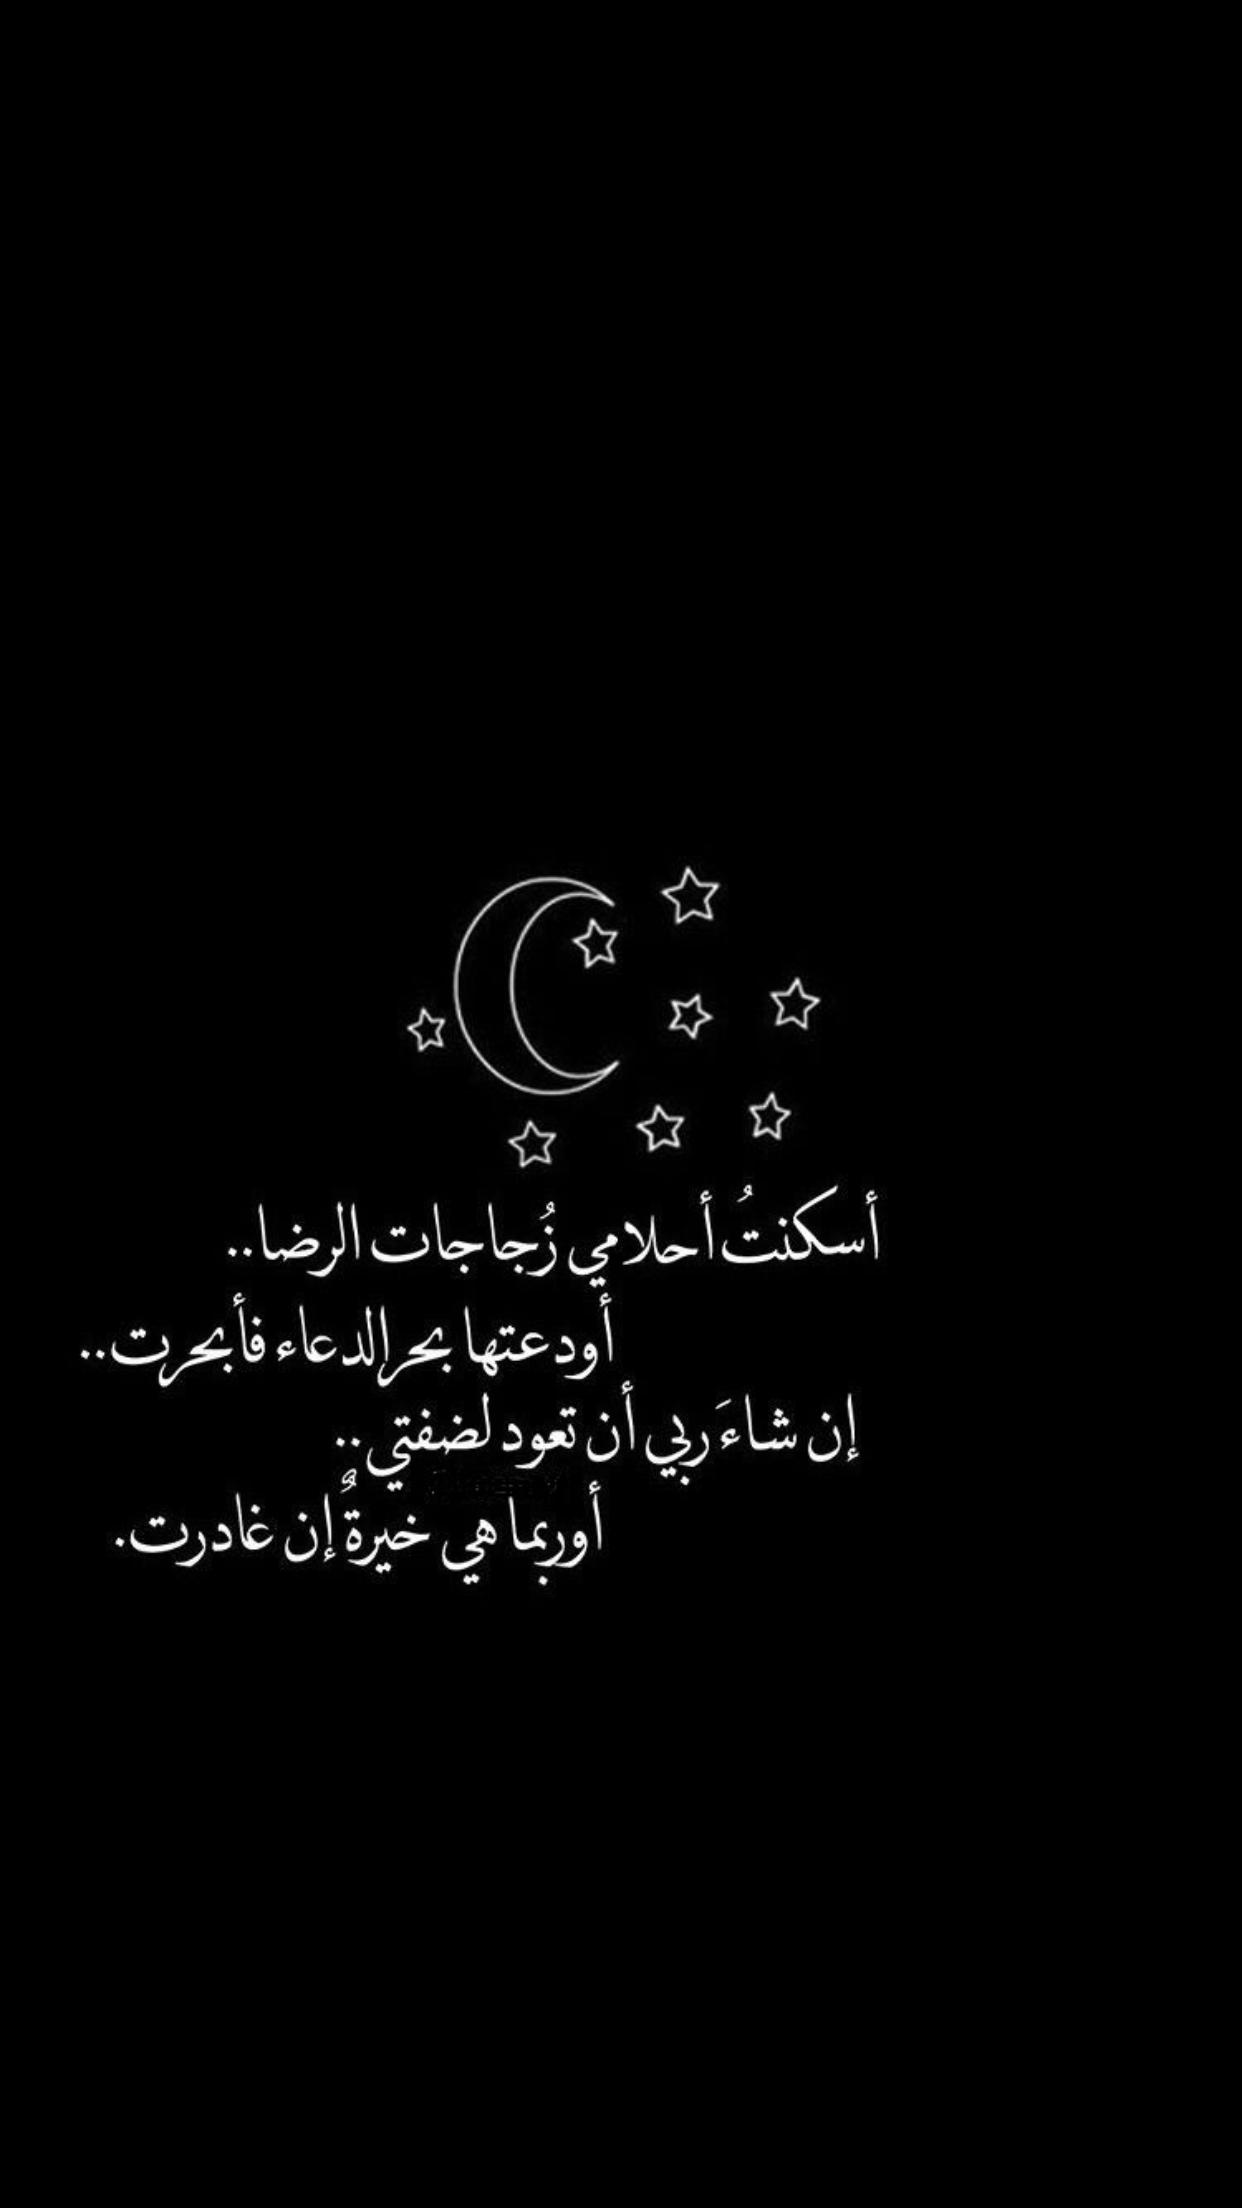 يا رب الخيرة فيما اخترته لنا Words Quotes Islamic Quotes Quran Quotes